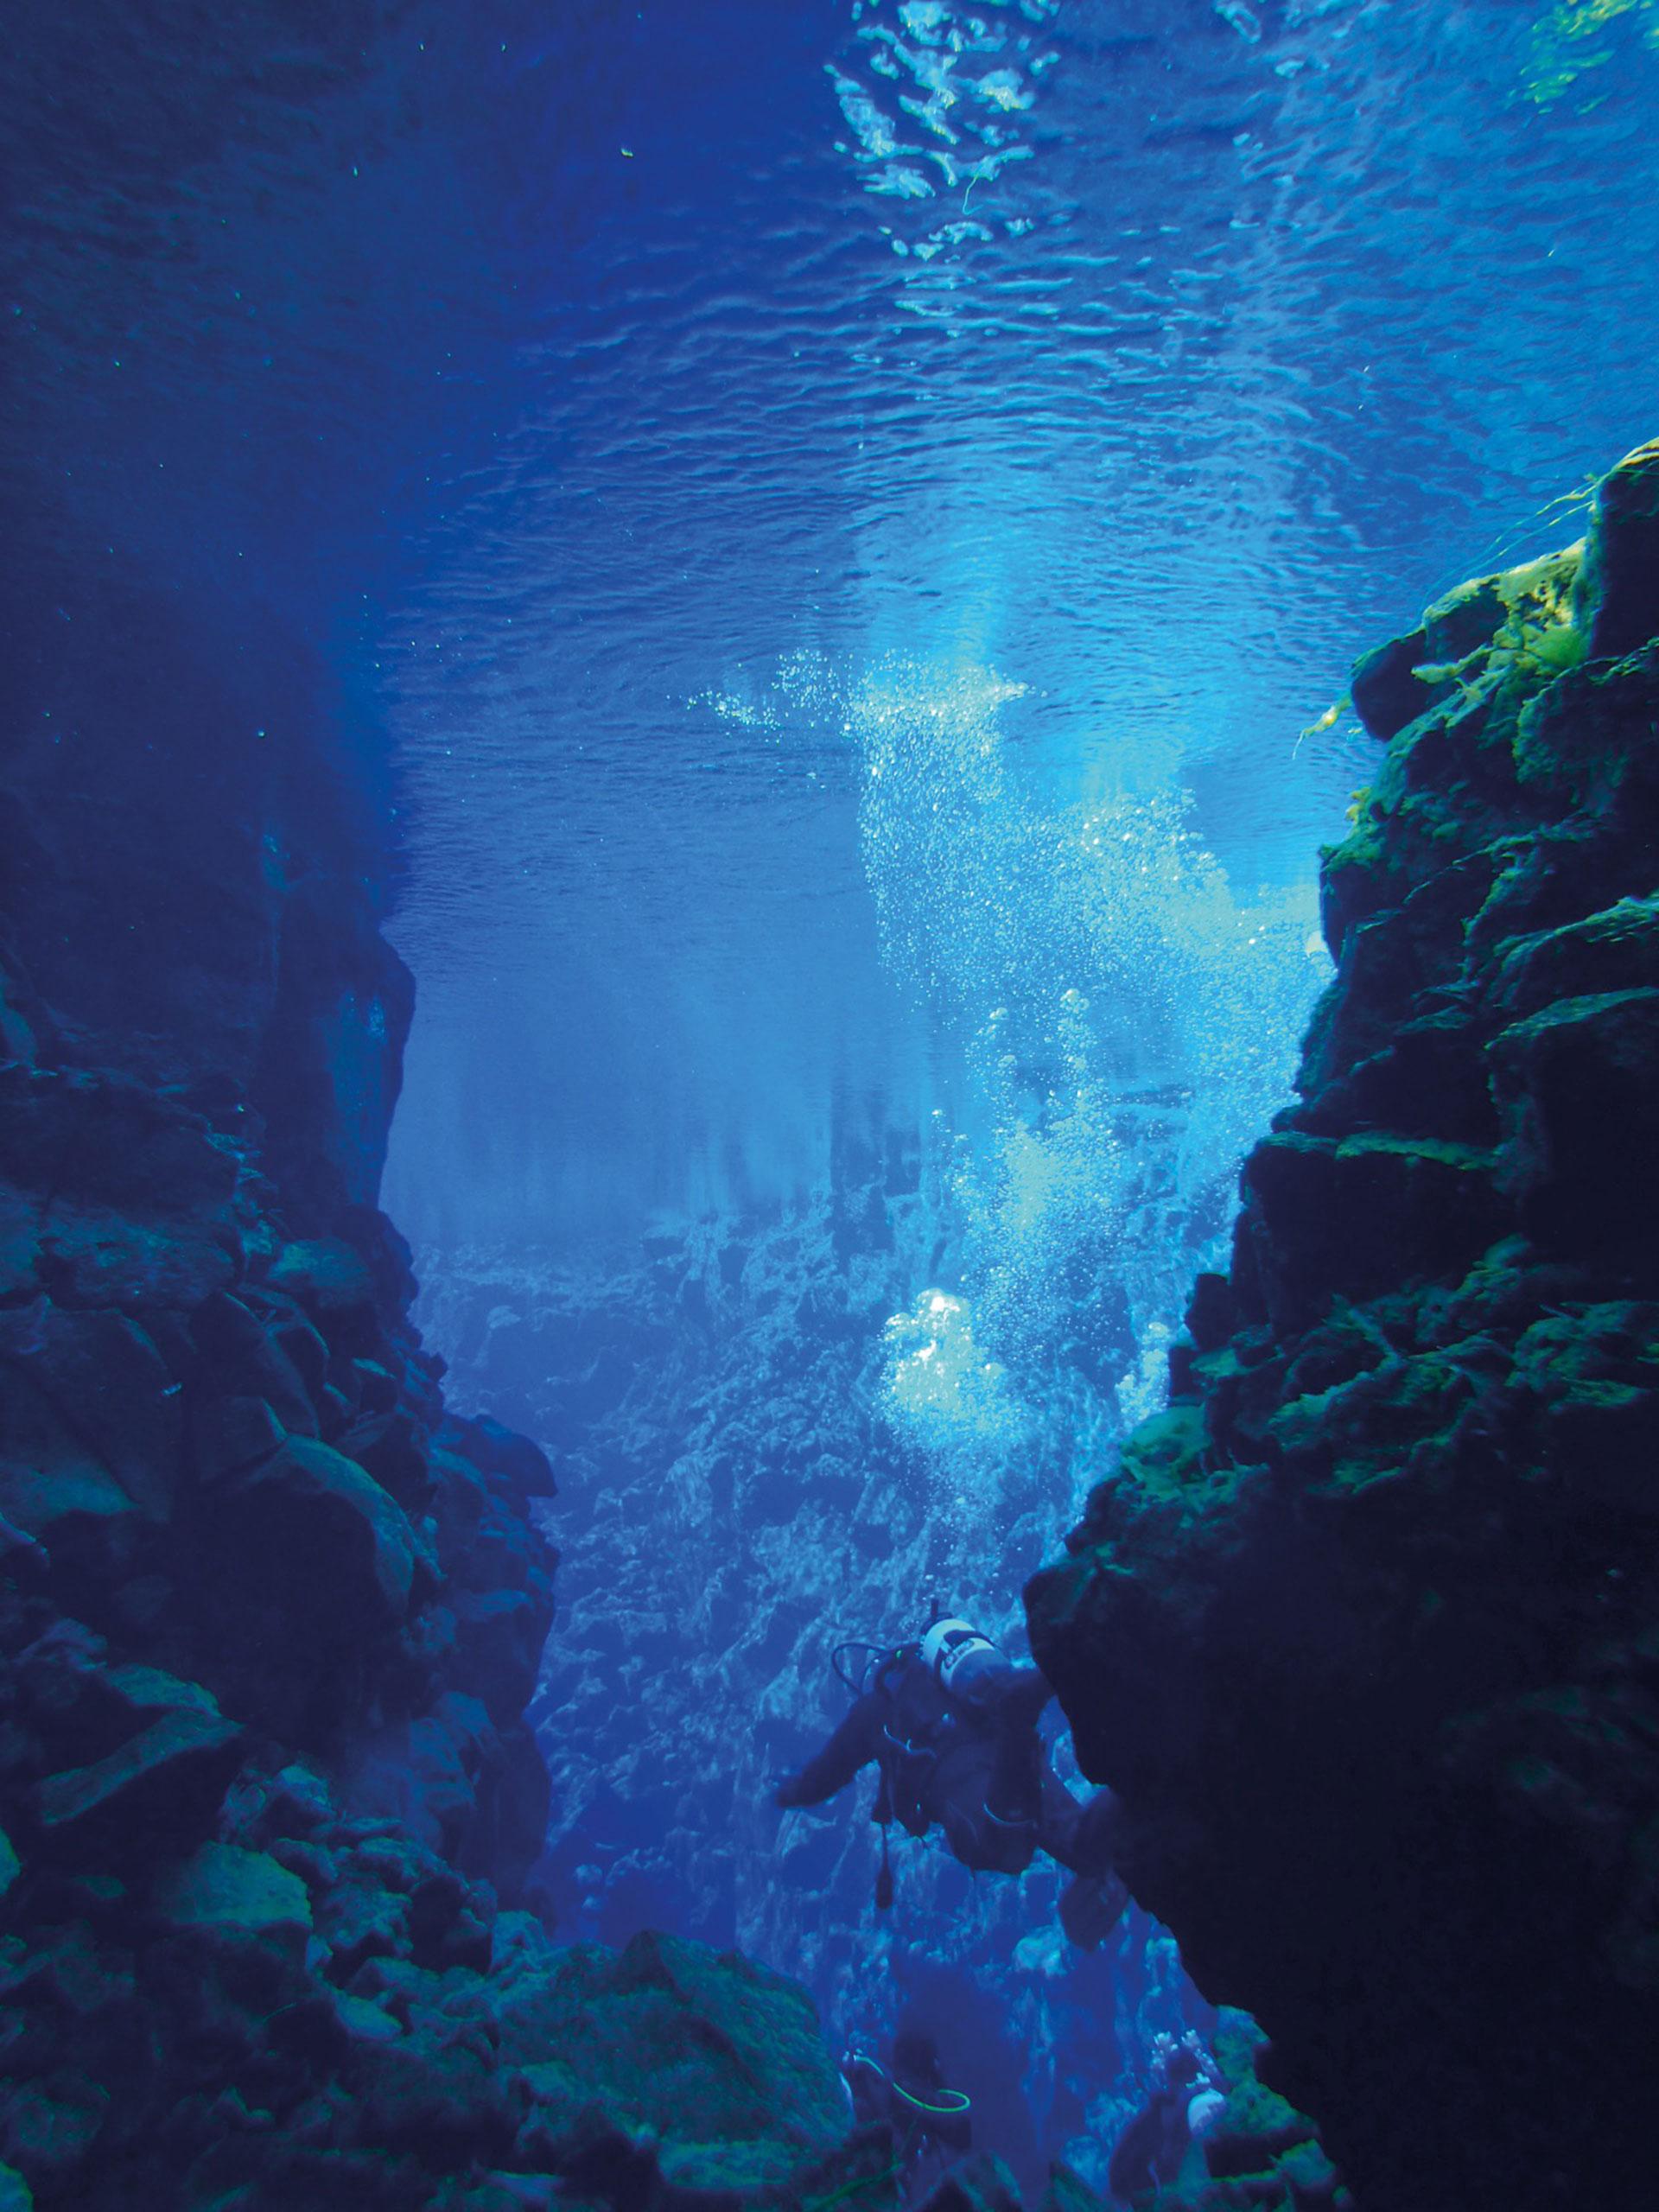 En la grieta de Silfra la temperatura del agua es de 2 grados, pero dicen que la sensación de estar entre las placas tectónicas es alucinante.